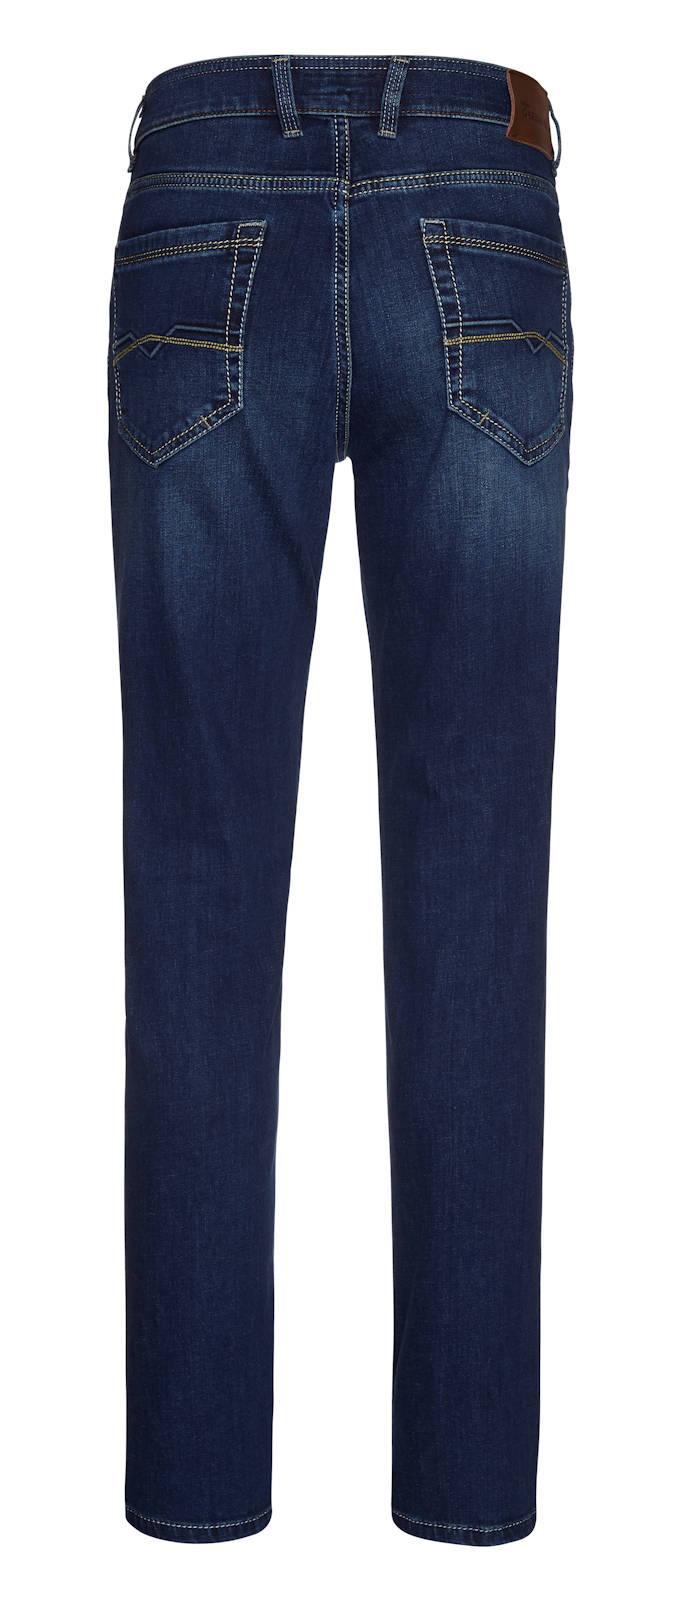 Atelier-GARDEUR-Jeans-BATU-2-Modern-Fit-Herren-Hose-Slim-Leg-Denim-NEU Indexbild 12